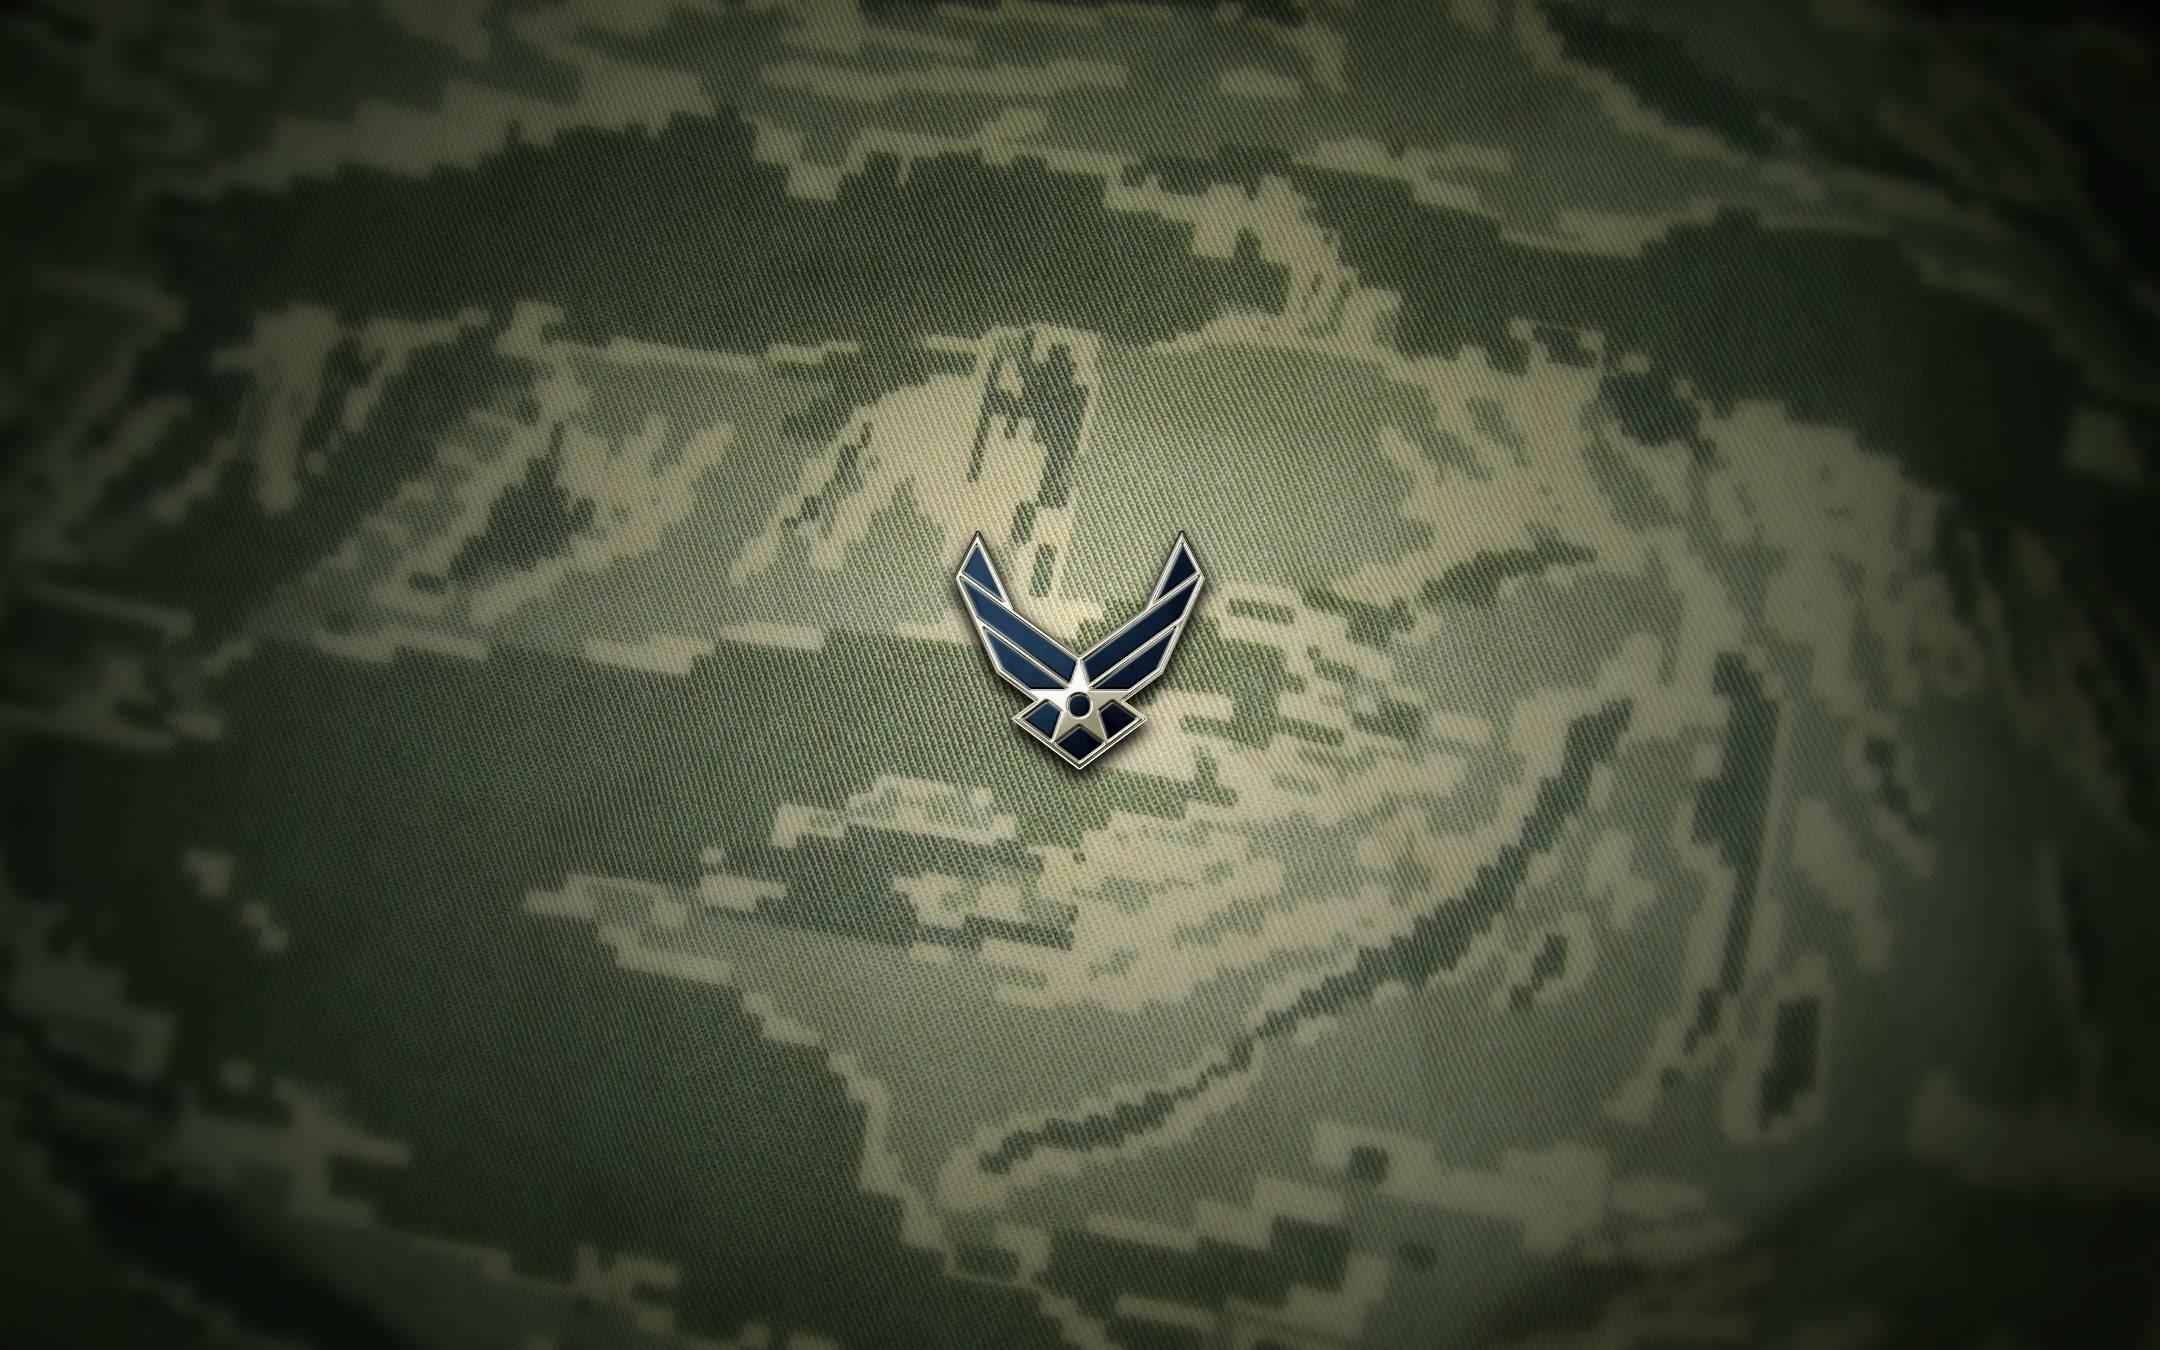 usaf logo wallpaper 62 images